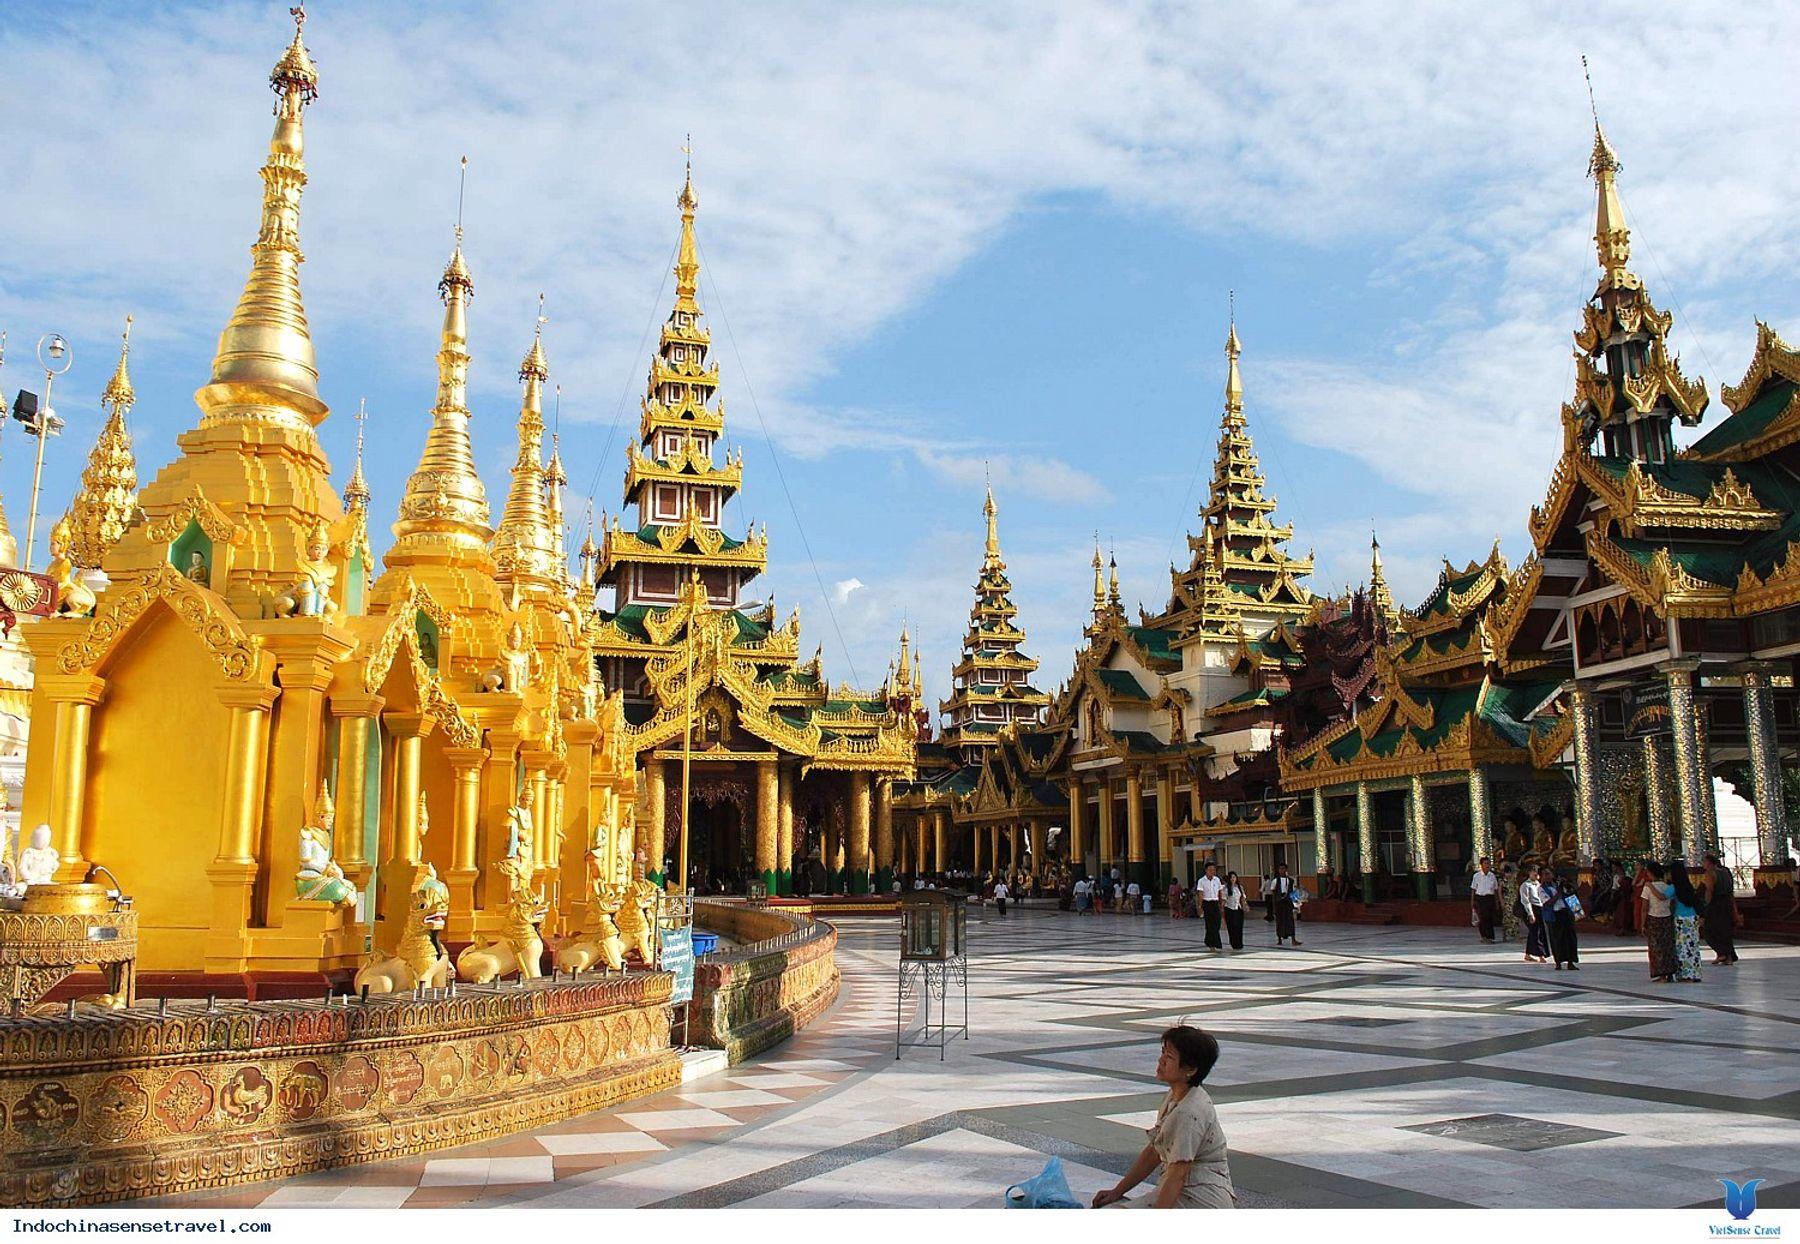 Du lịch tết Nguyên Đán tại Thái Lan